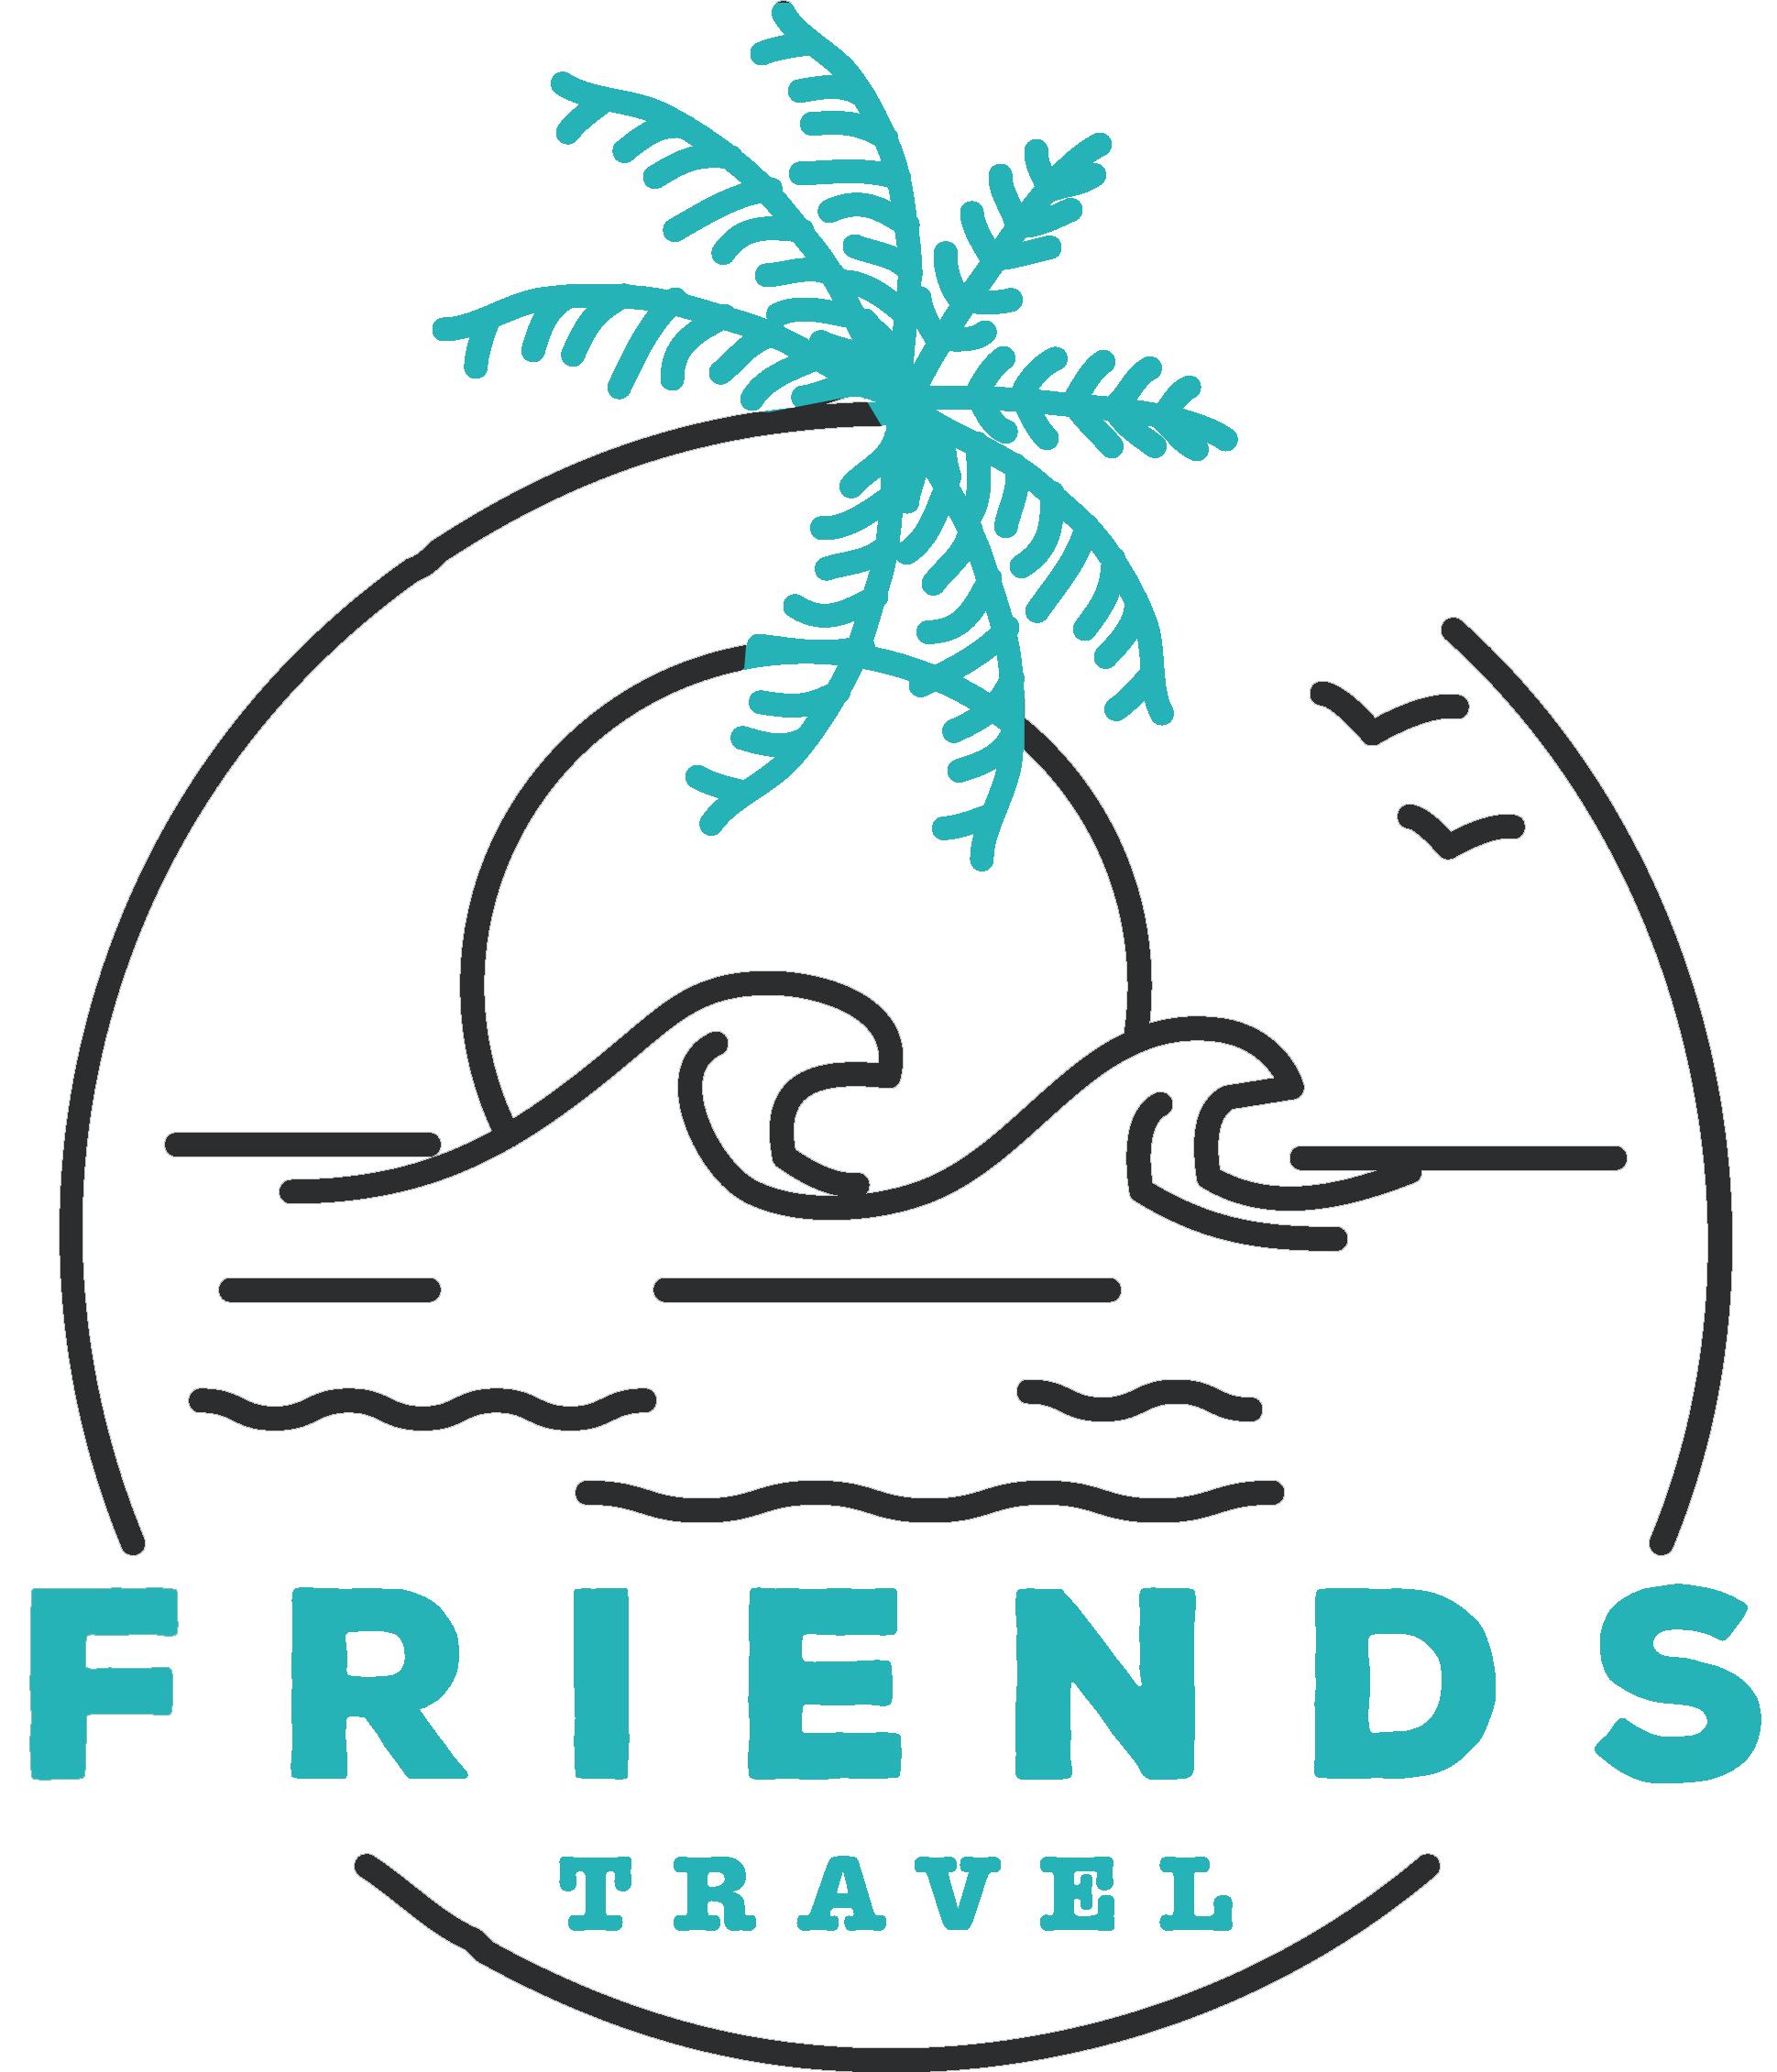 Friends travel logo color